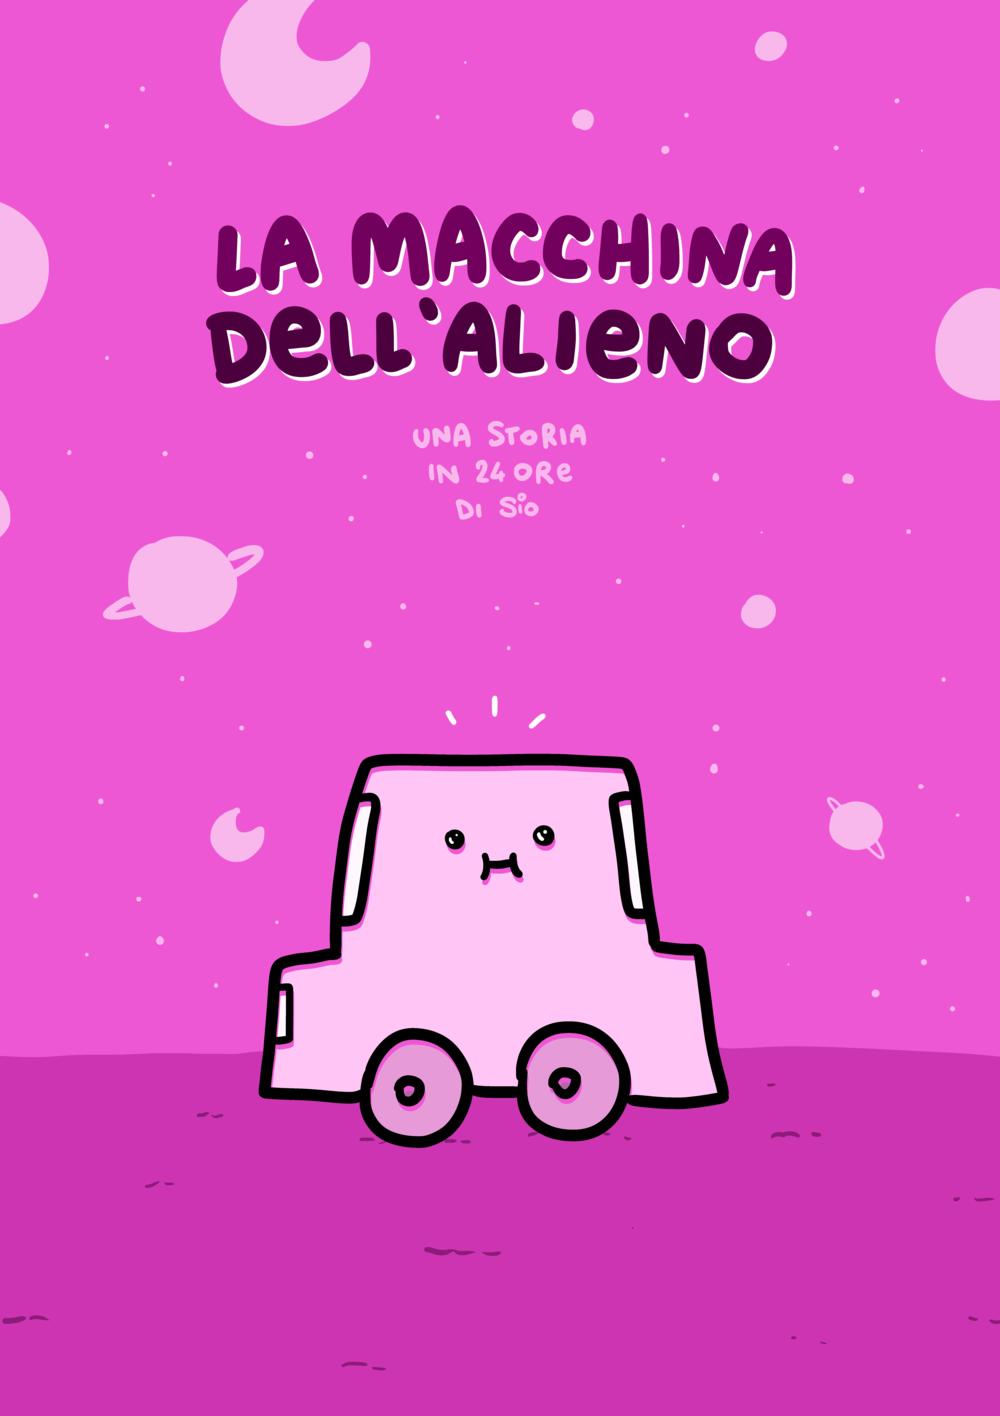 La macchina dell'alieno_002.png